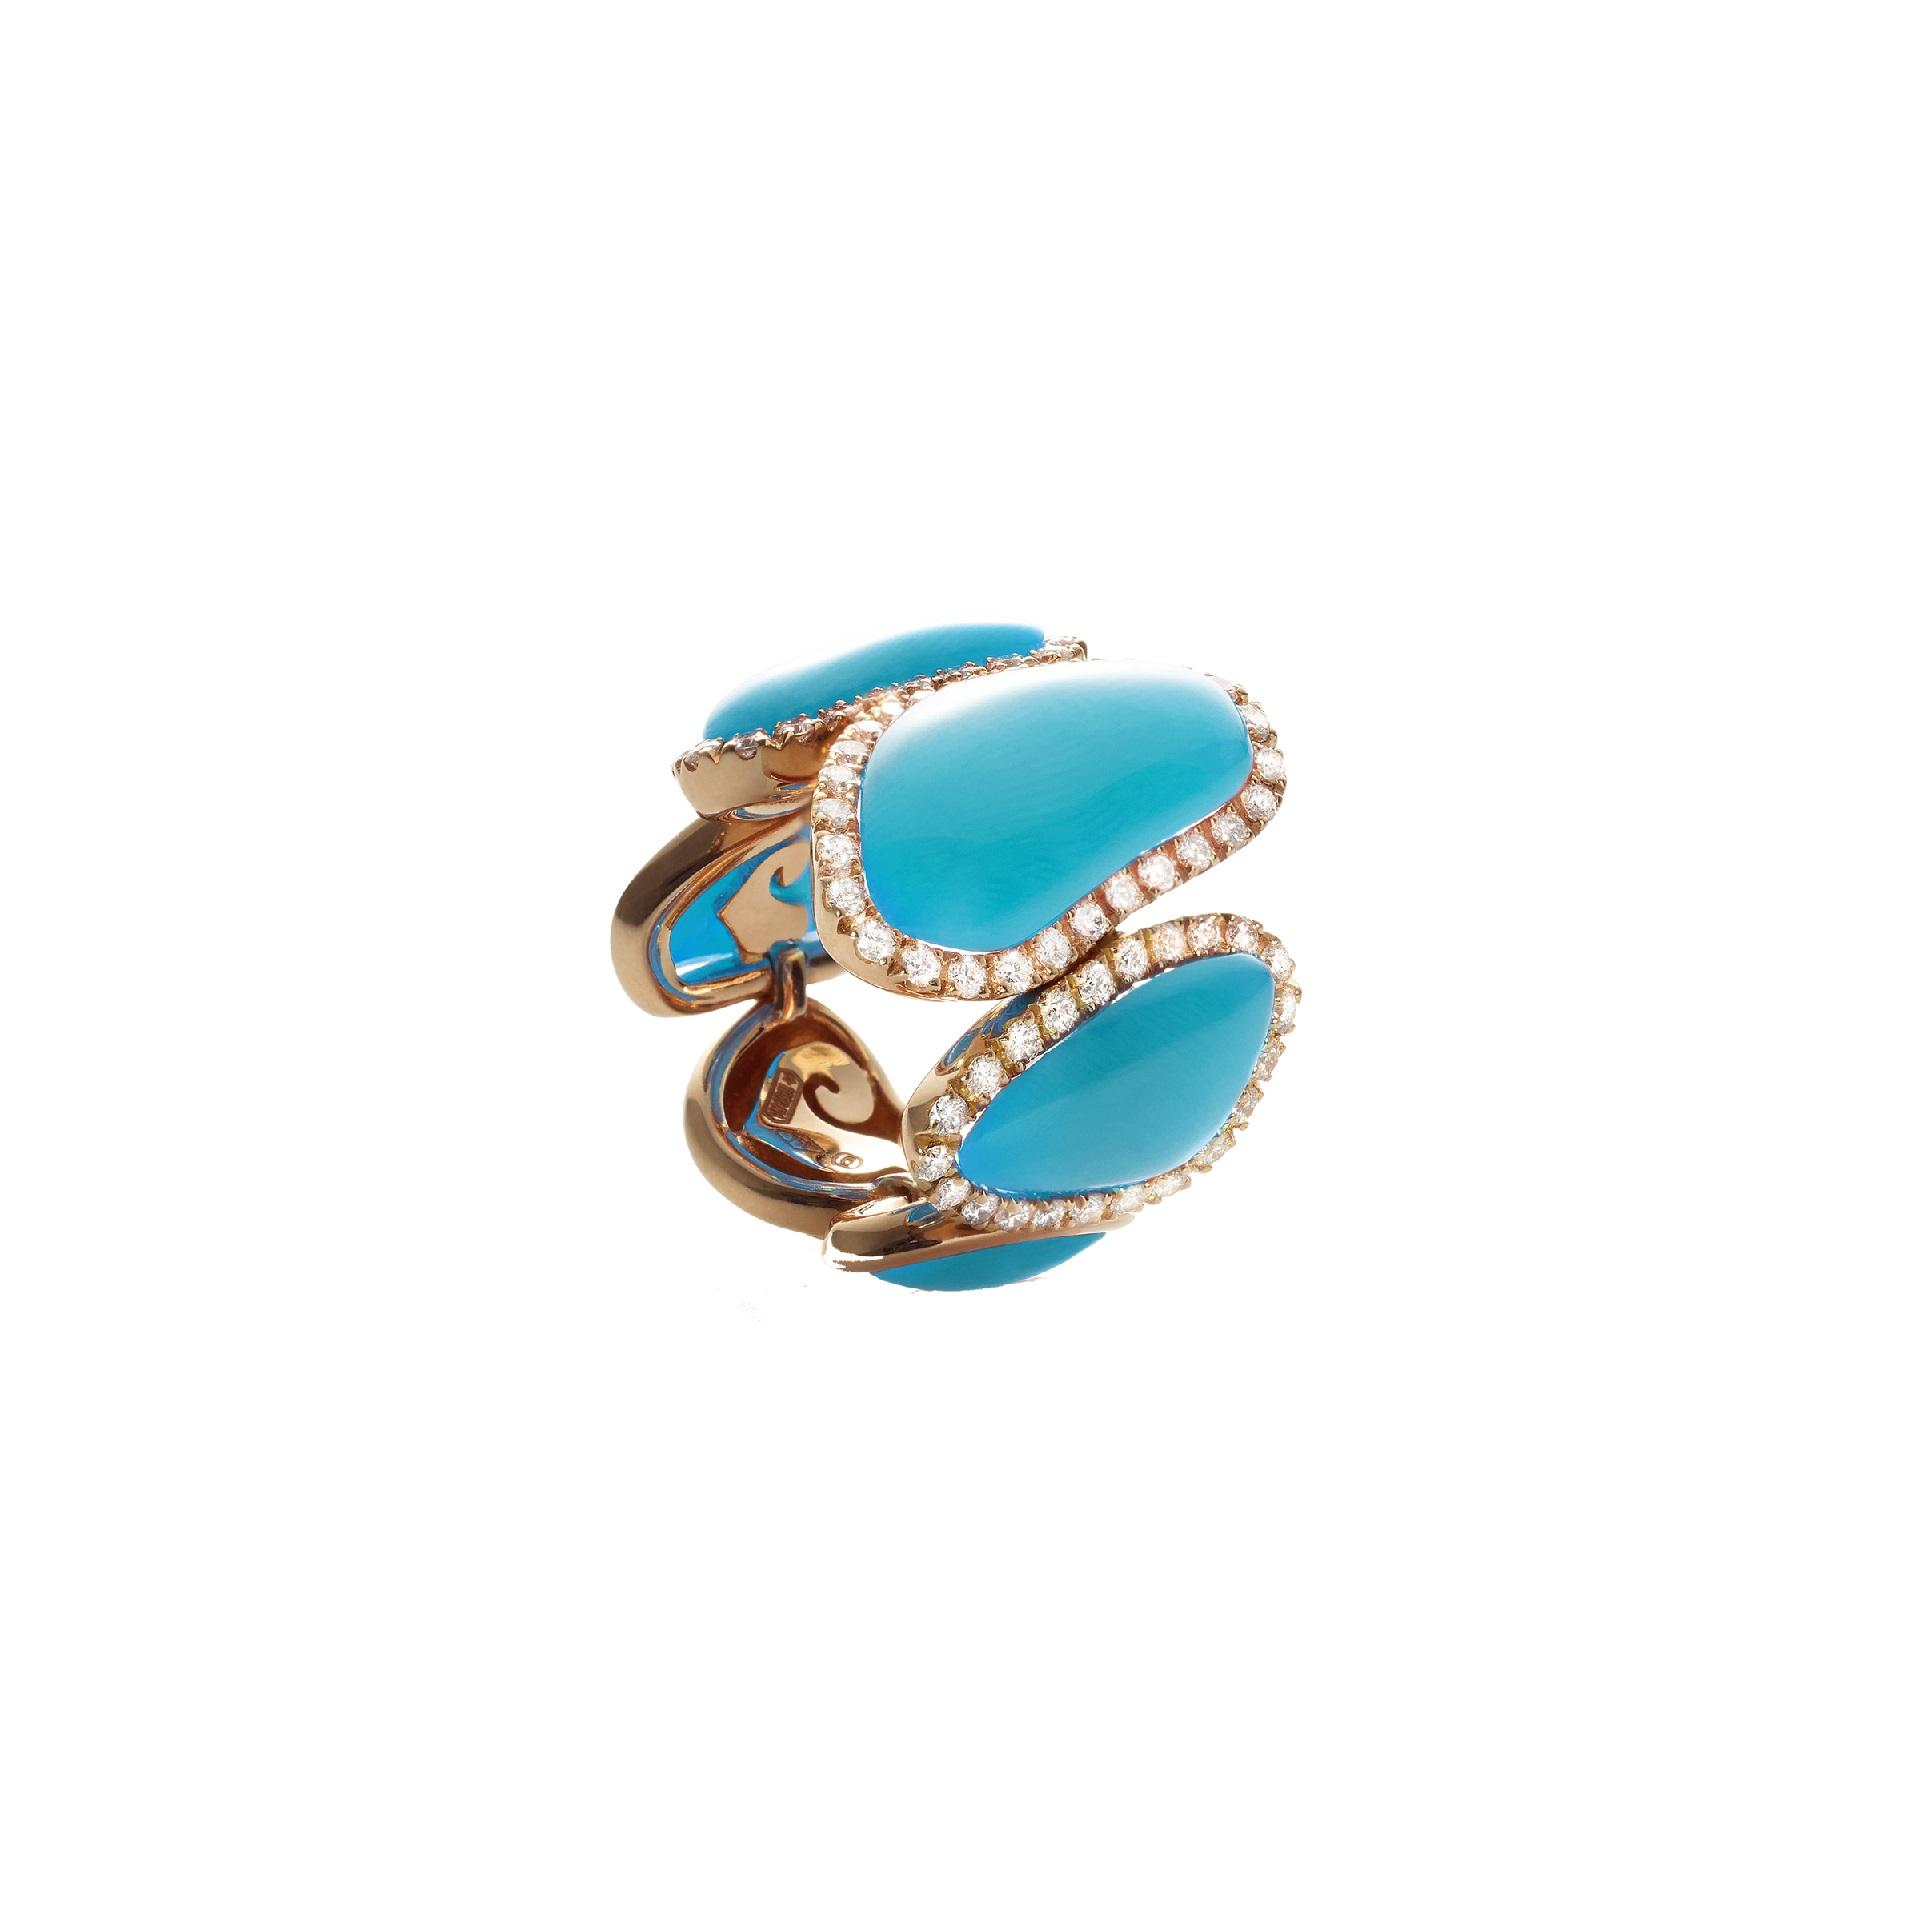 Chantecler Enchanté Ring aus Roségold mit Türkis und Brillanten